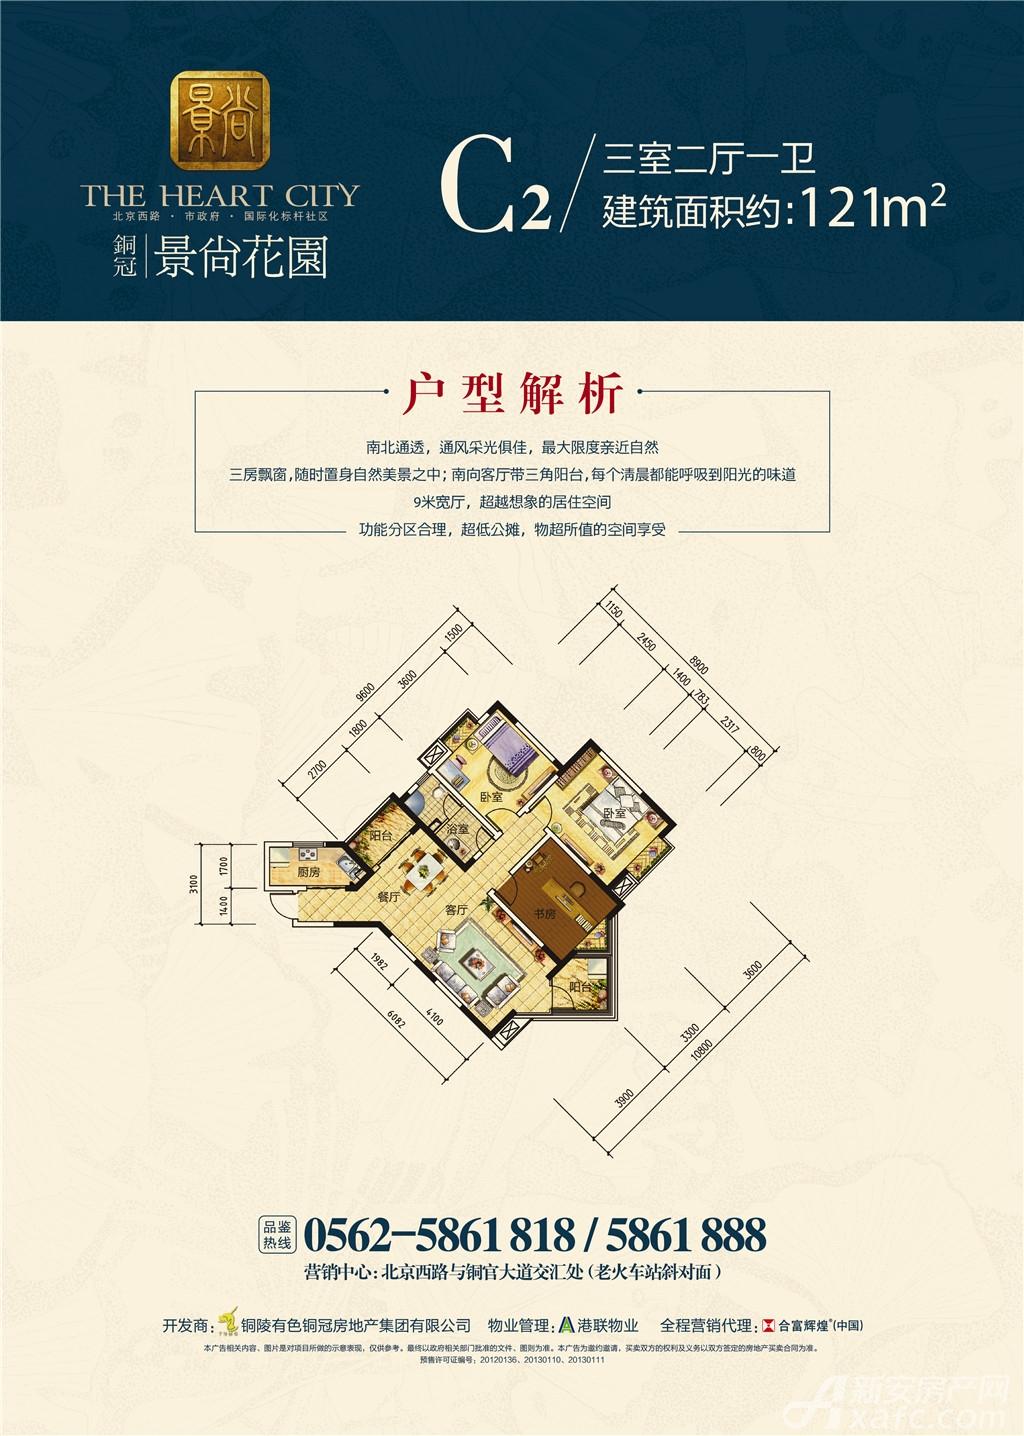 铜冠景尚花园C2户型3室2厅121平米